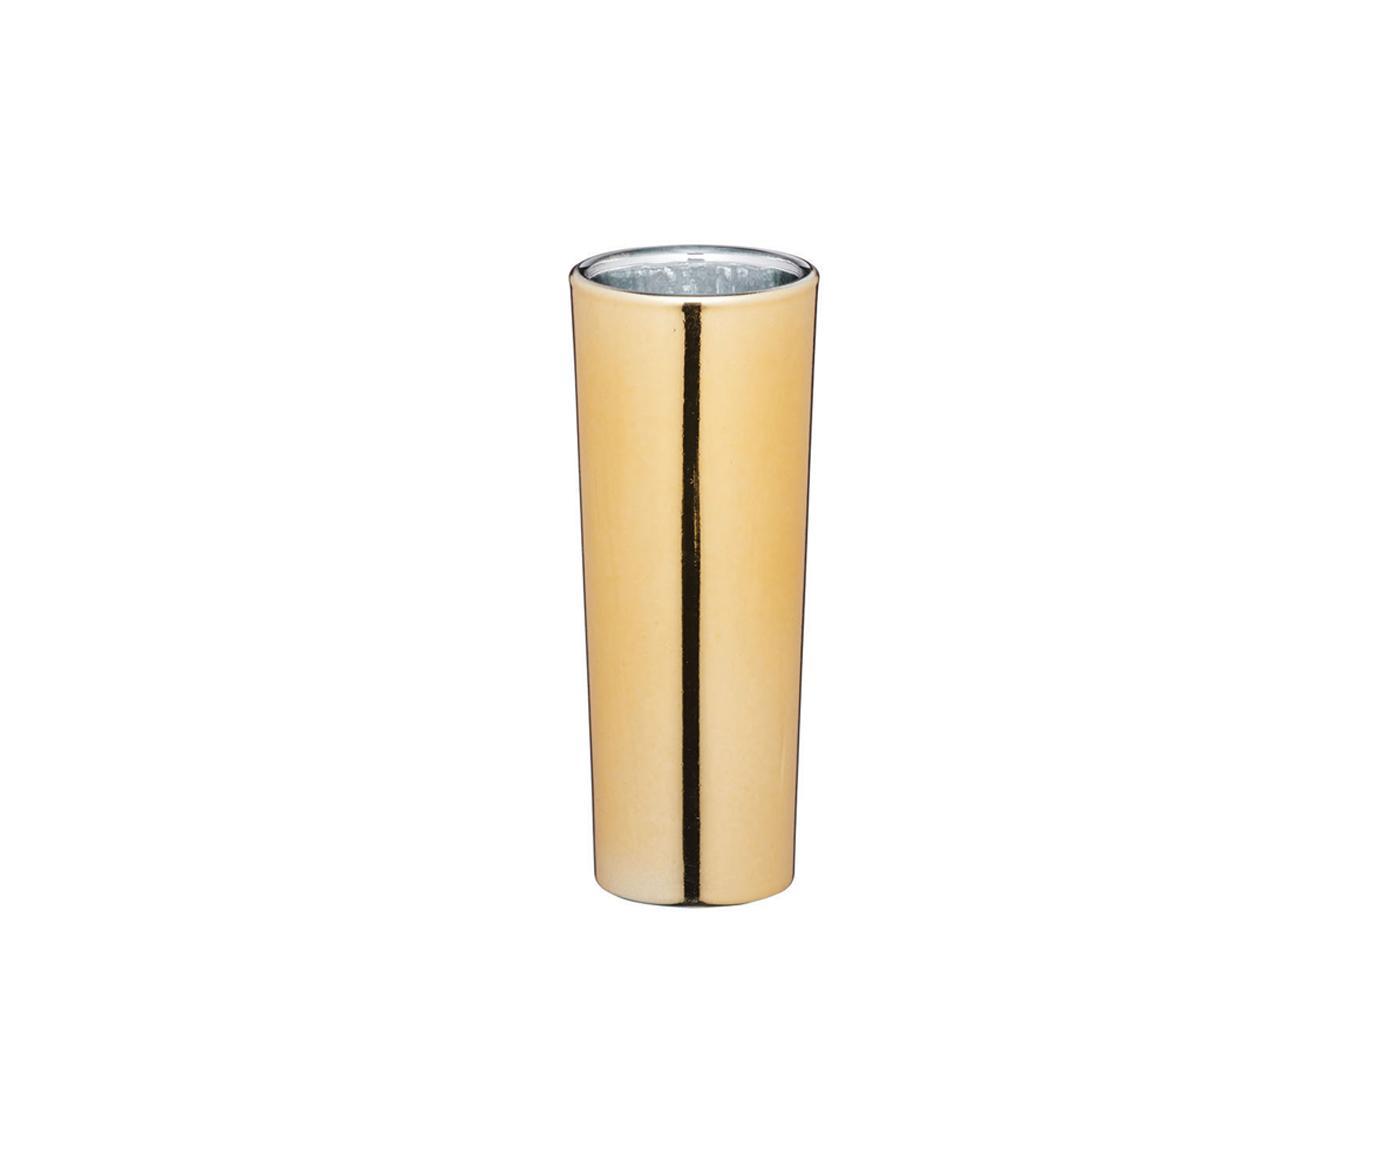 Kieliszek do wódki ar Carft, 4 szt., Szkło powlekane, Odcienie złotego, Ø 4 x W 10 cm